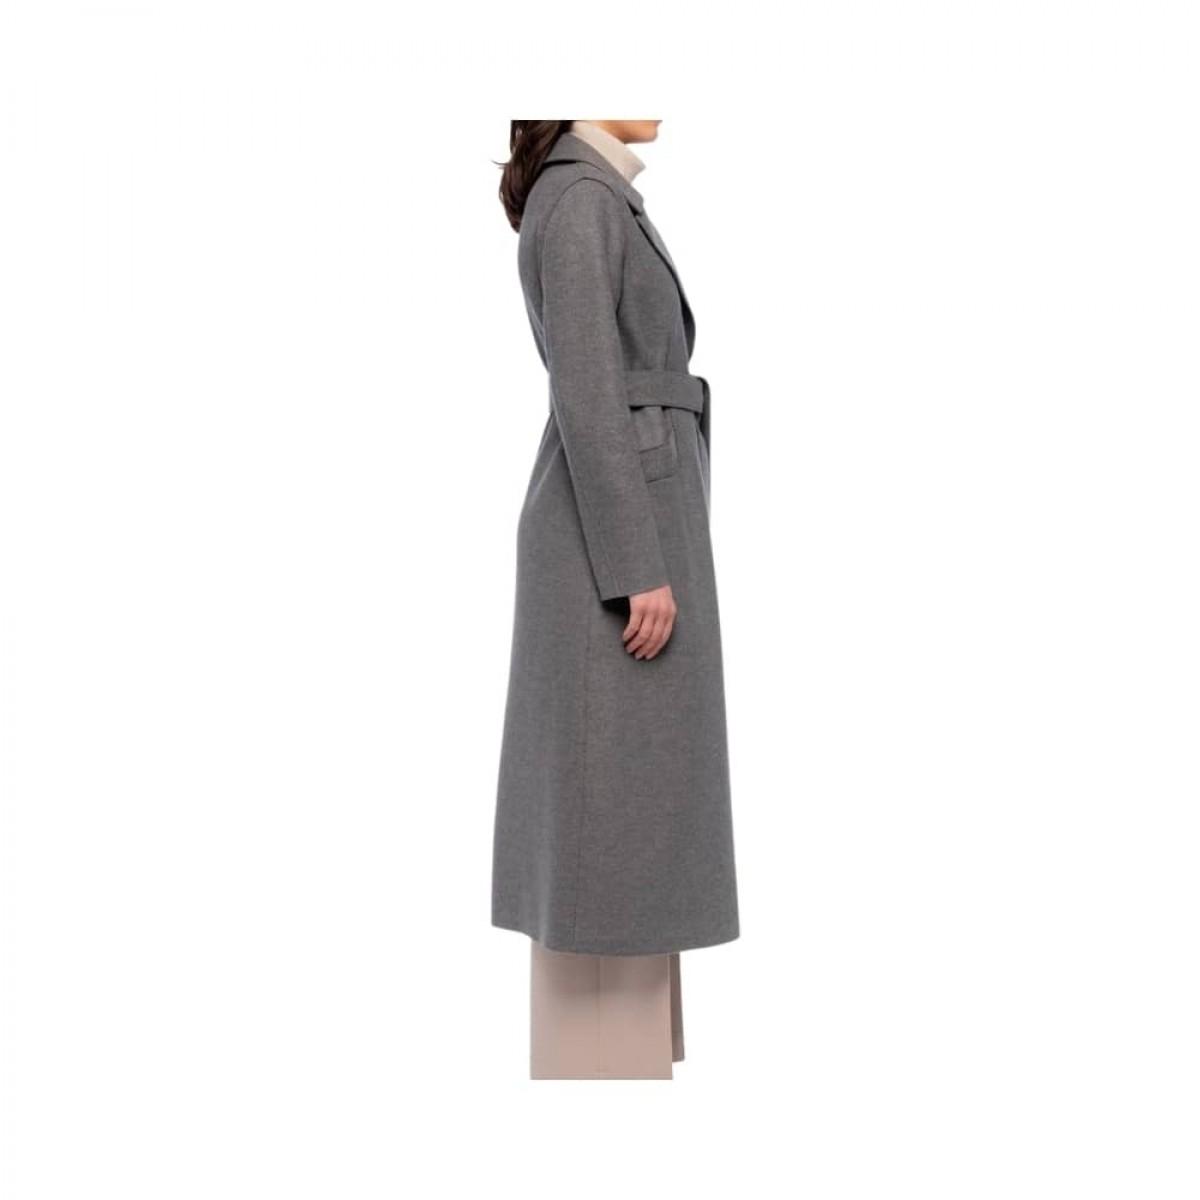 long maxi coat pressed wool - grey melange - model fra siden